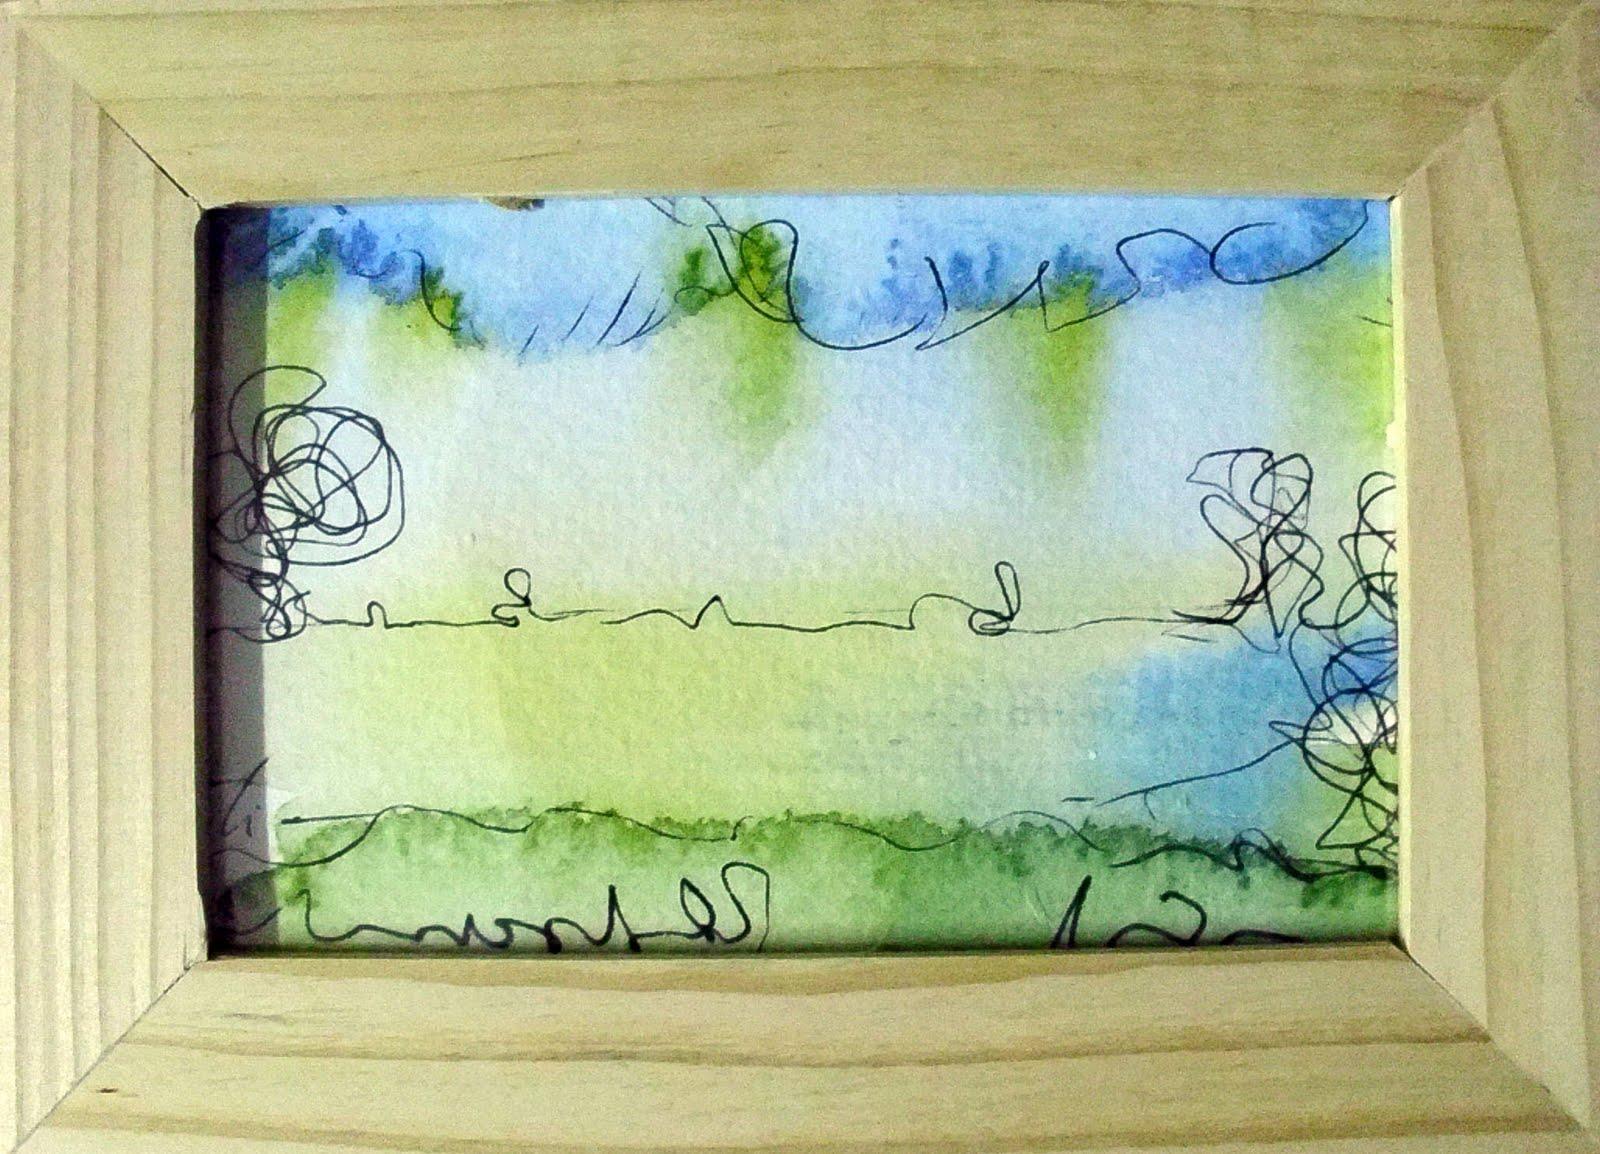 ahora tambin teneis a disposicin una gran variedad de cuadros totalmente pintados a mano con diferentes tcnica